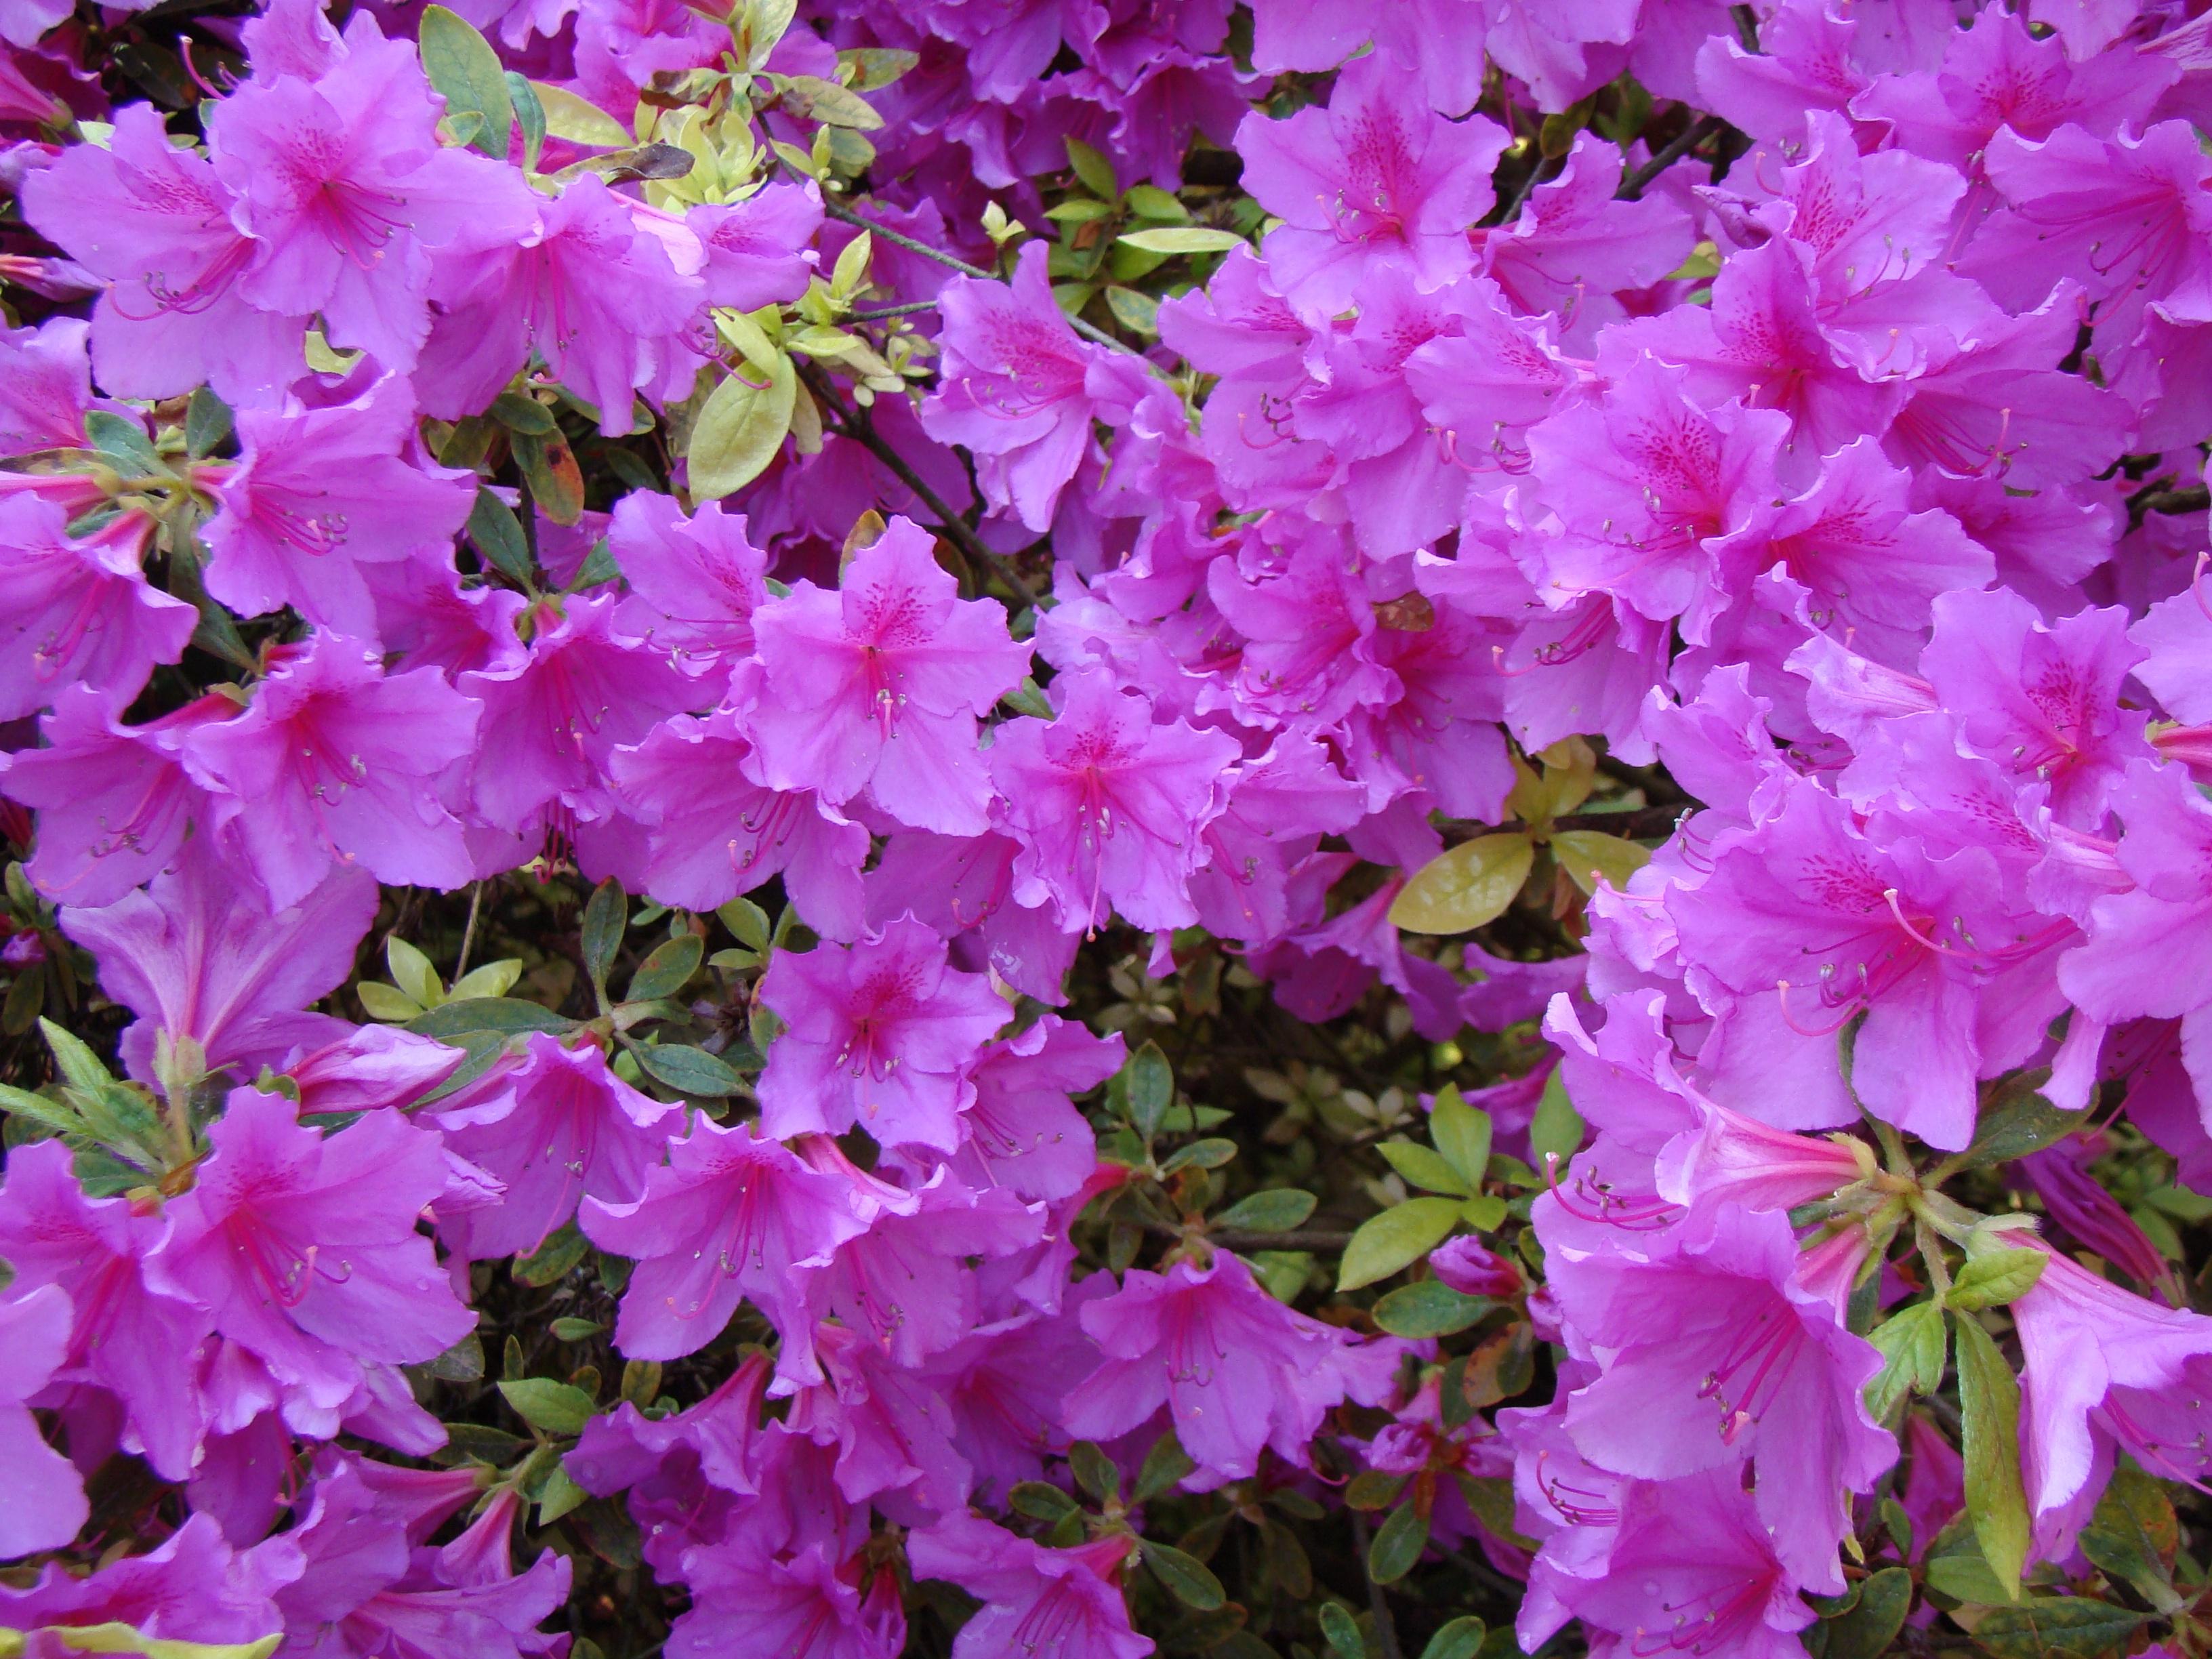 Free Images Nature Flower Bloom Bush Park Garden Pink